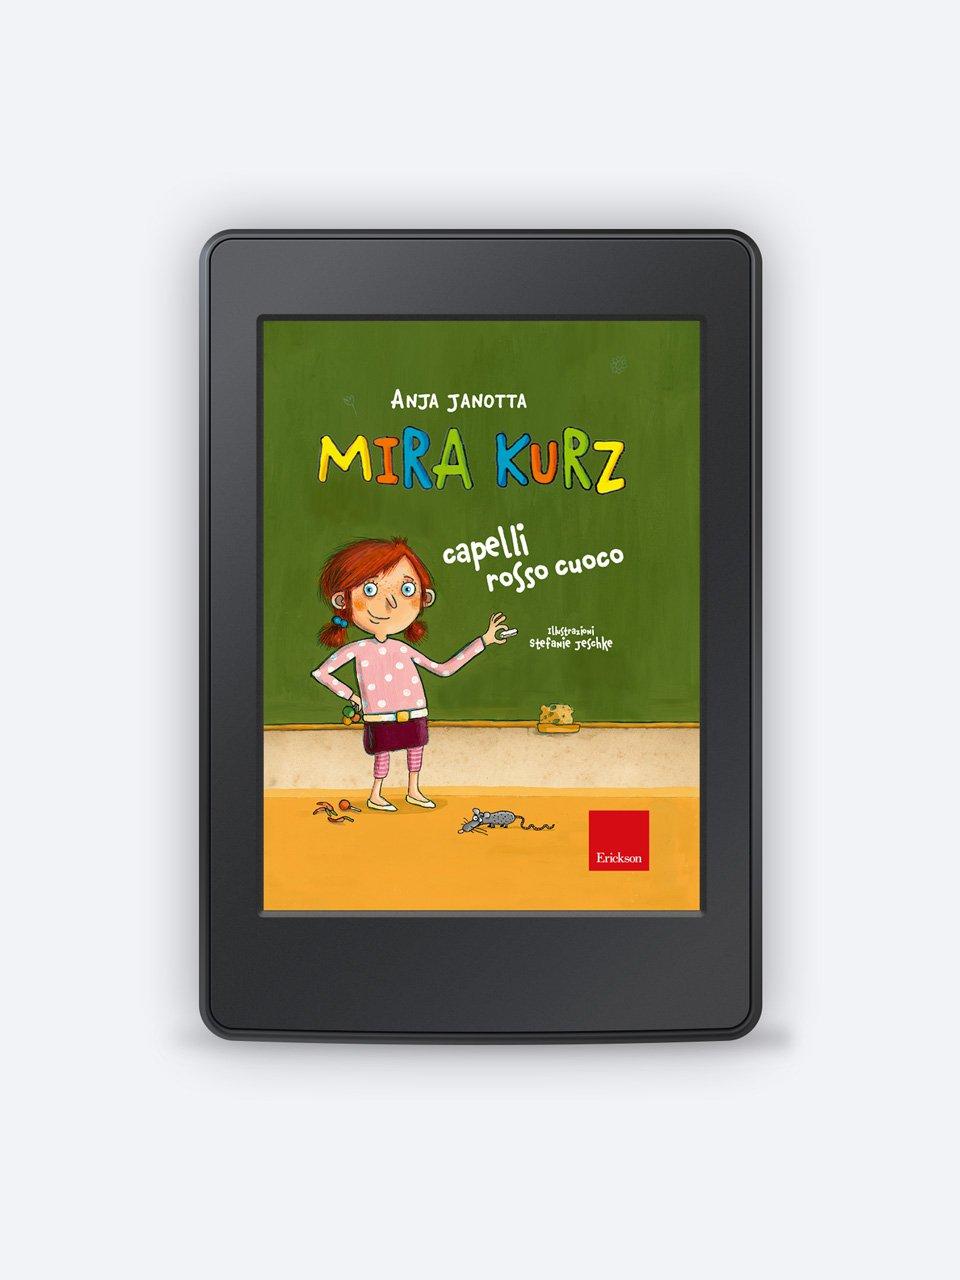 Mira Kurz capelli rosso cuoco - I mini gialli dell'ortografia 5 - Libri - Erickson